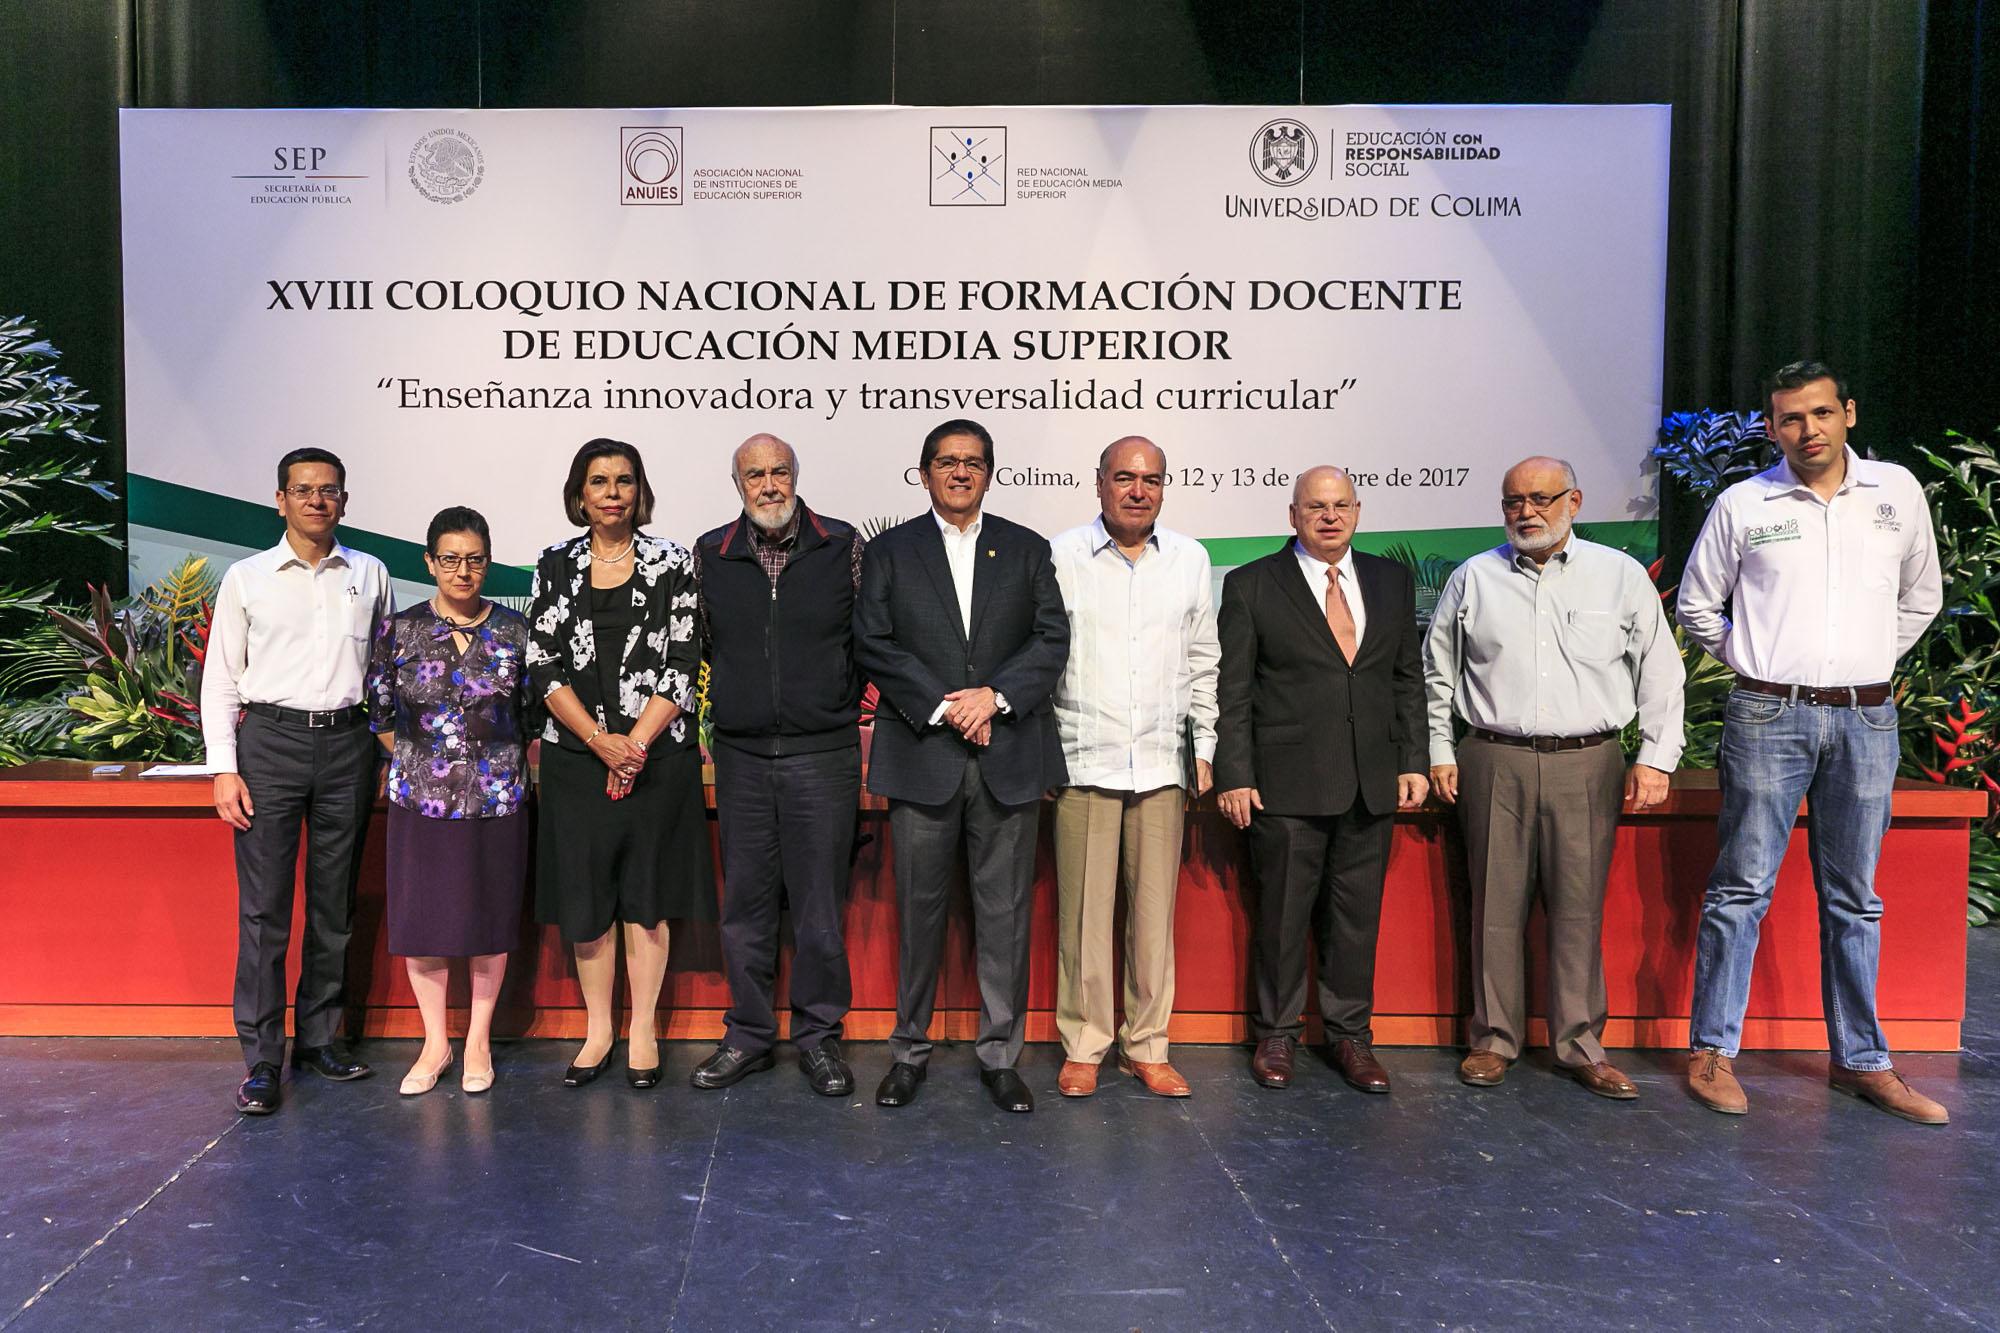 Décimo octava edición del Coloquio Nacional de Formación Docente con sede en la Universidad de Colima, donde alrededor de 80 profesores del Sistema de Educación Media Superior (SEMS) —de más de 30 preparatorias de la Universidad de Guadalajara (UdeG)